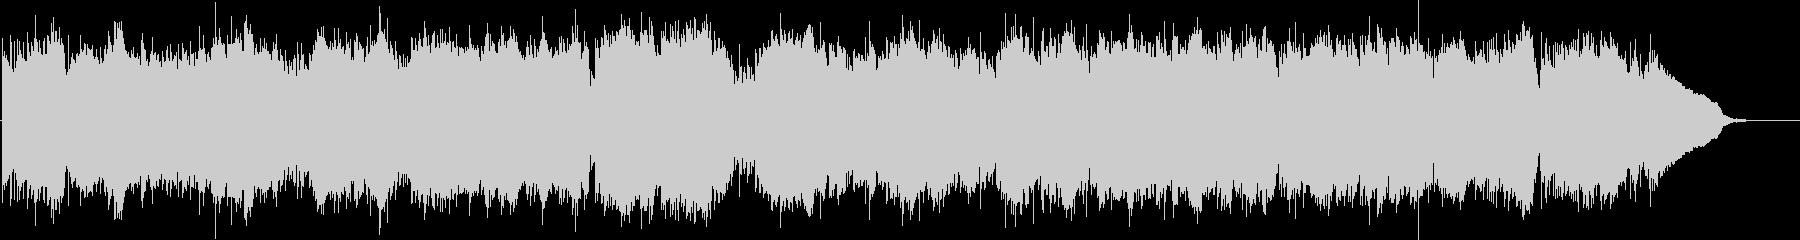 ジングル・ベル(ハンドベル・バージョン)の未再生の波形